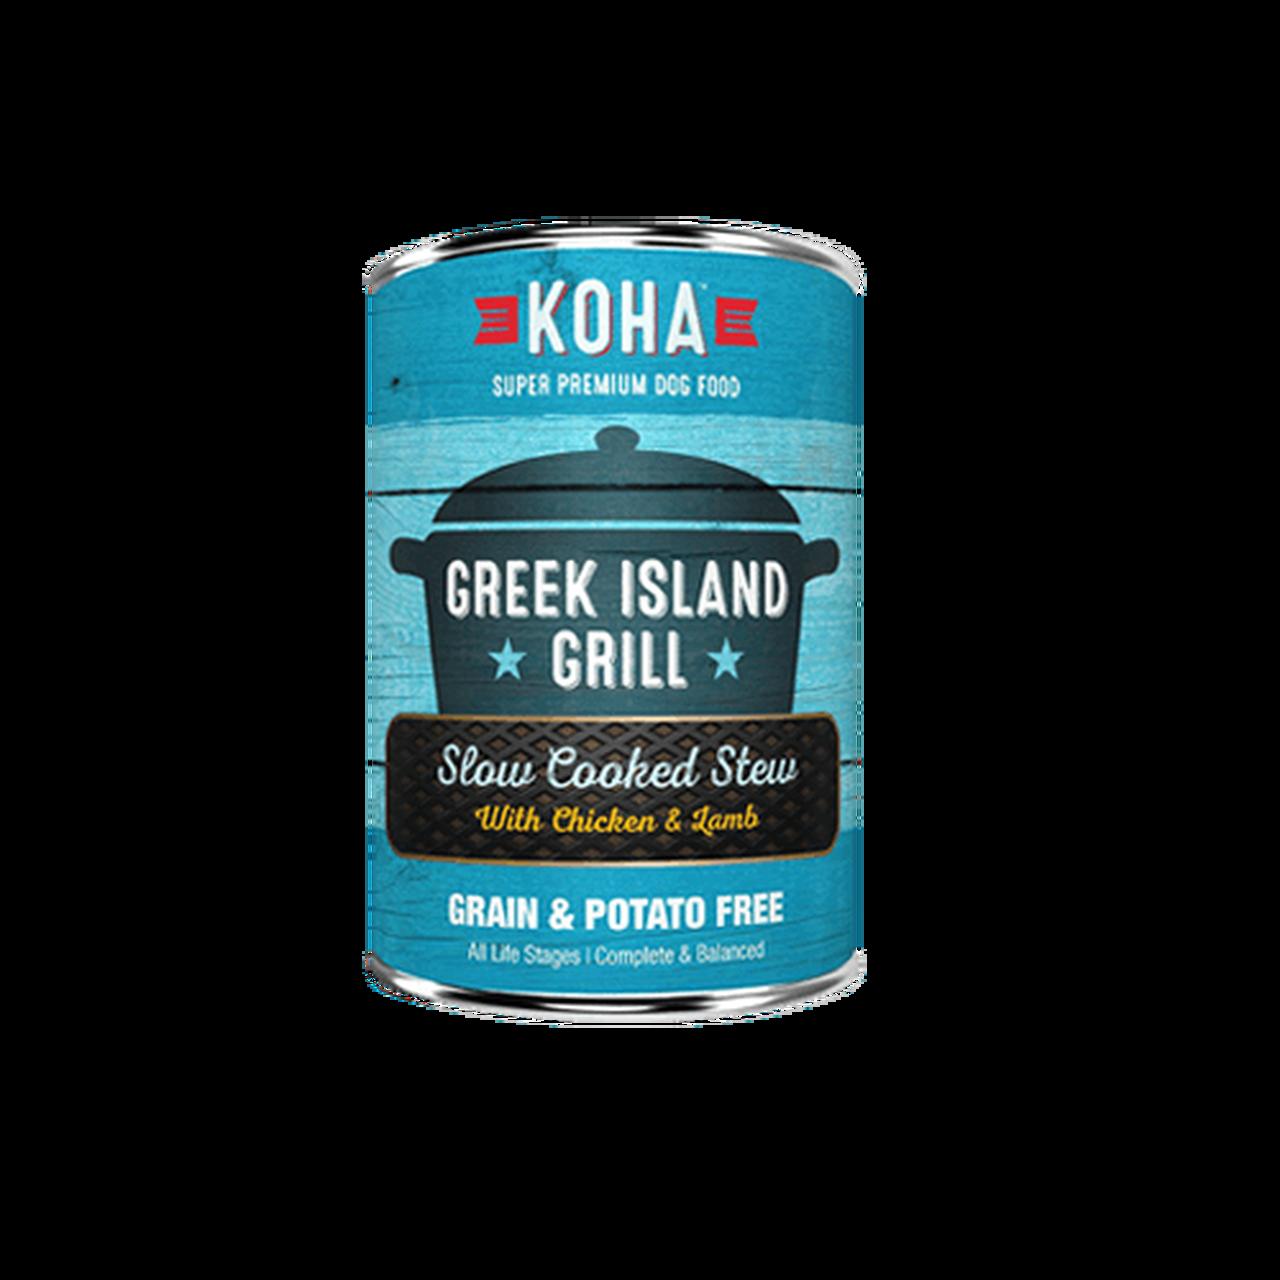 Koha Koha Greek Island Grill Slow Cooked Stew